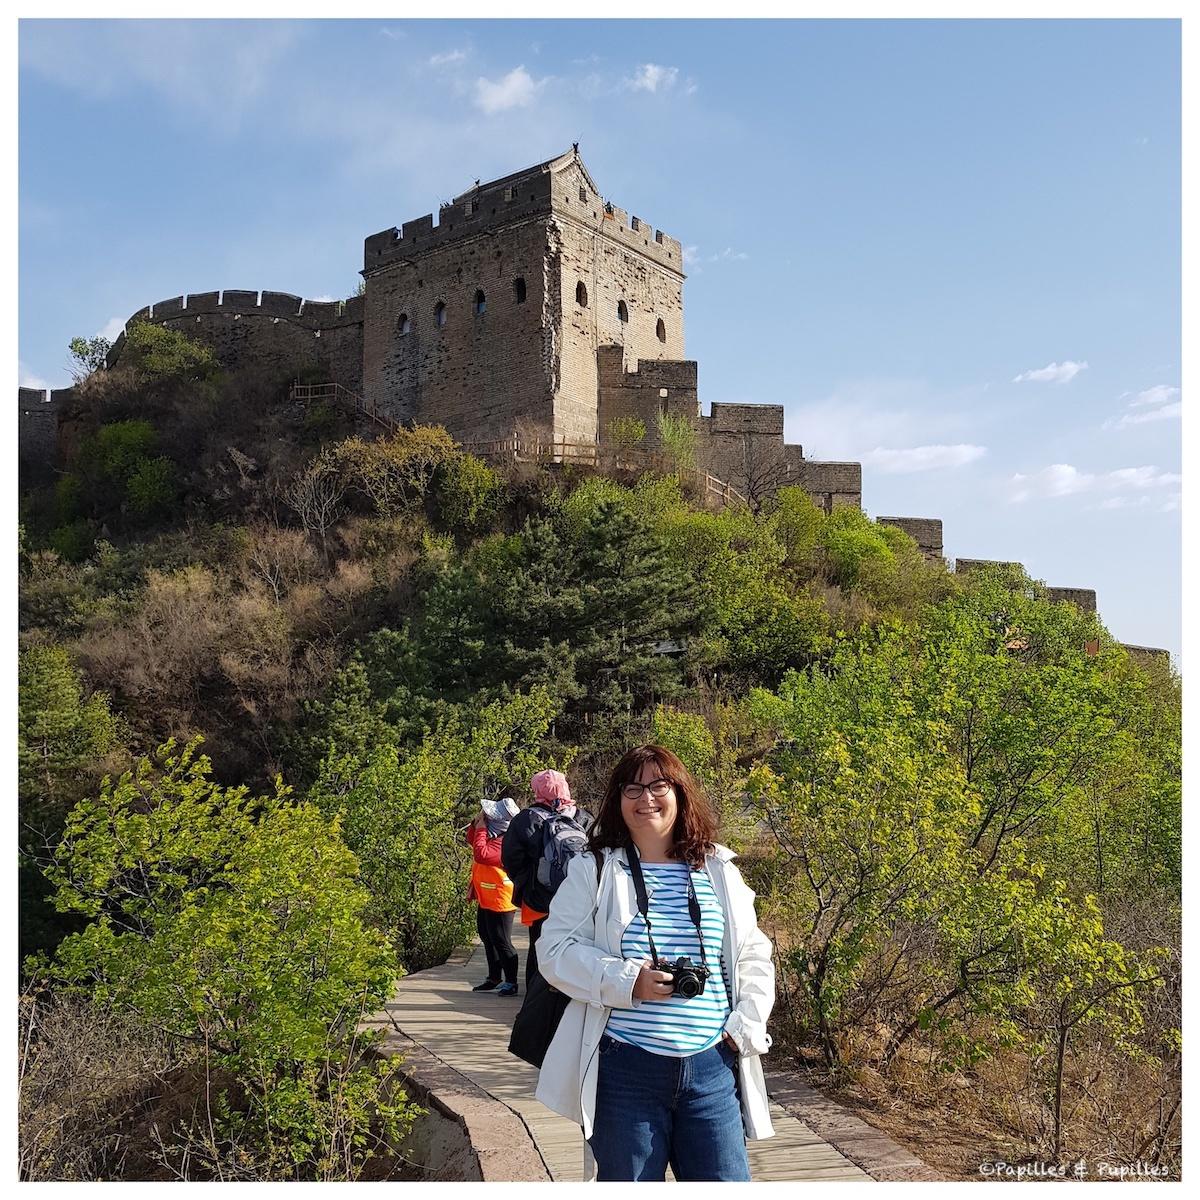 Anne - Grande Muraille